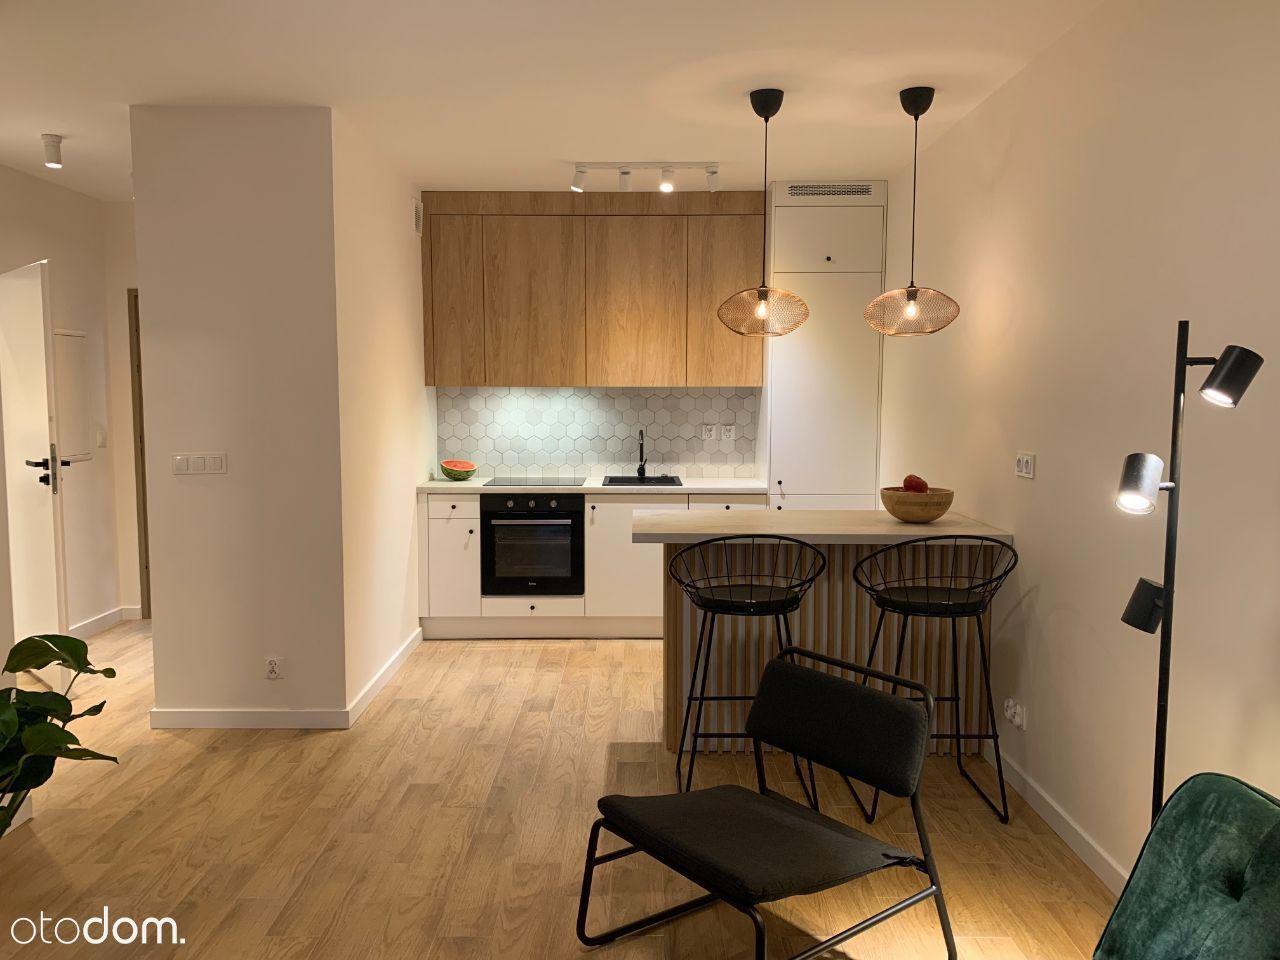 Nowe, luksusowe, w pełni wyposażone mieszkanie